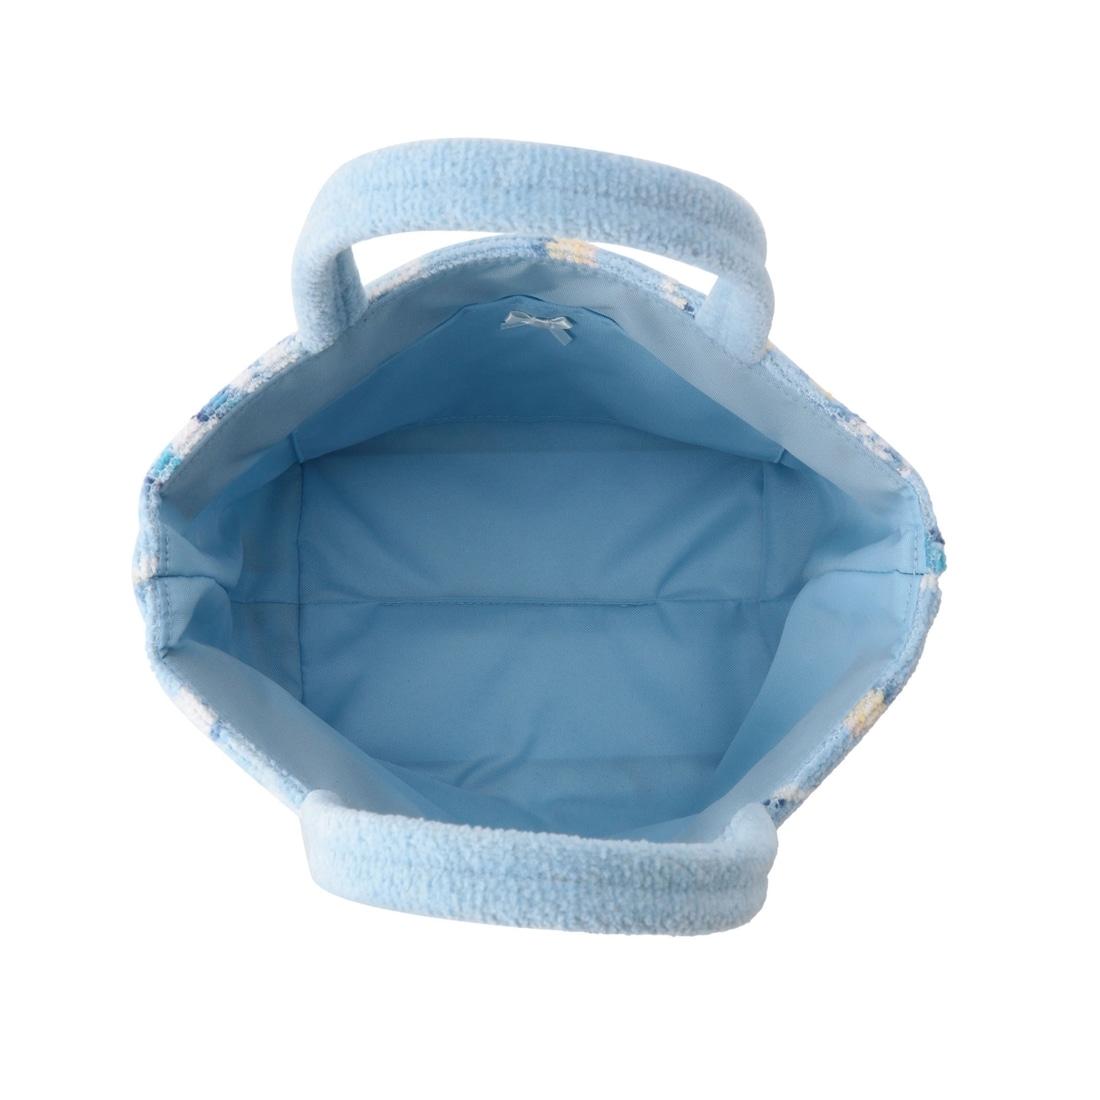 サムシングブルー ミニトートバッグ L/SMB-173049